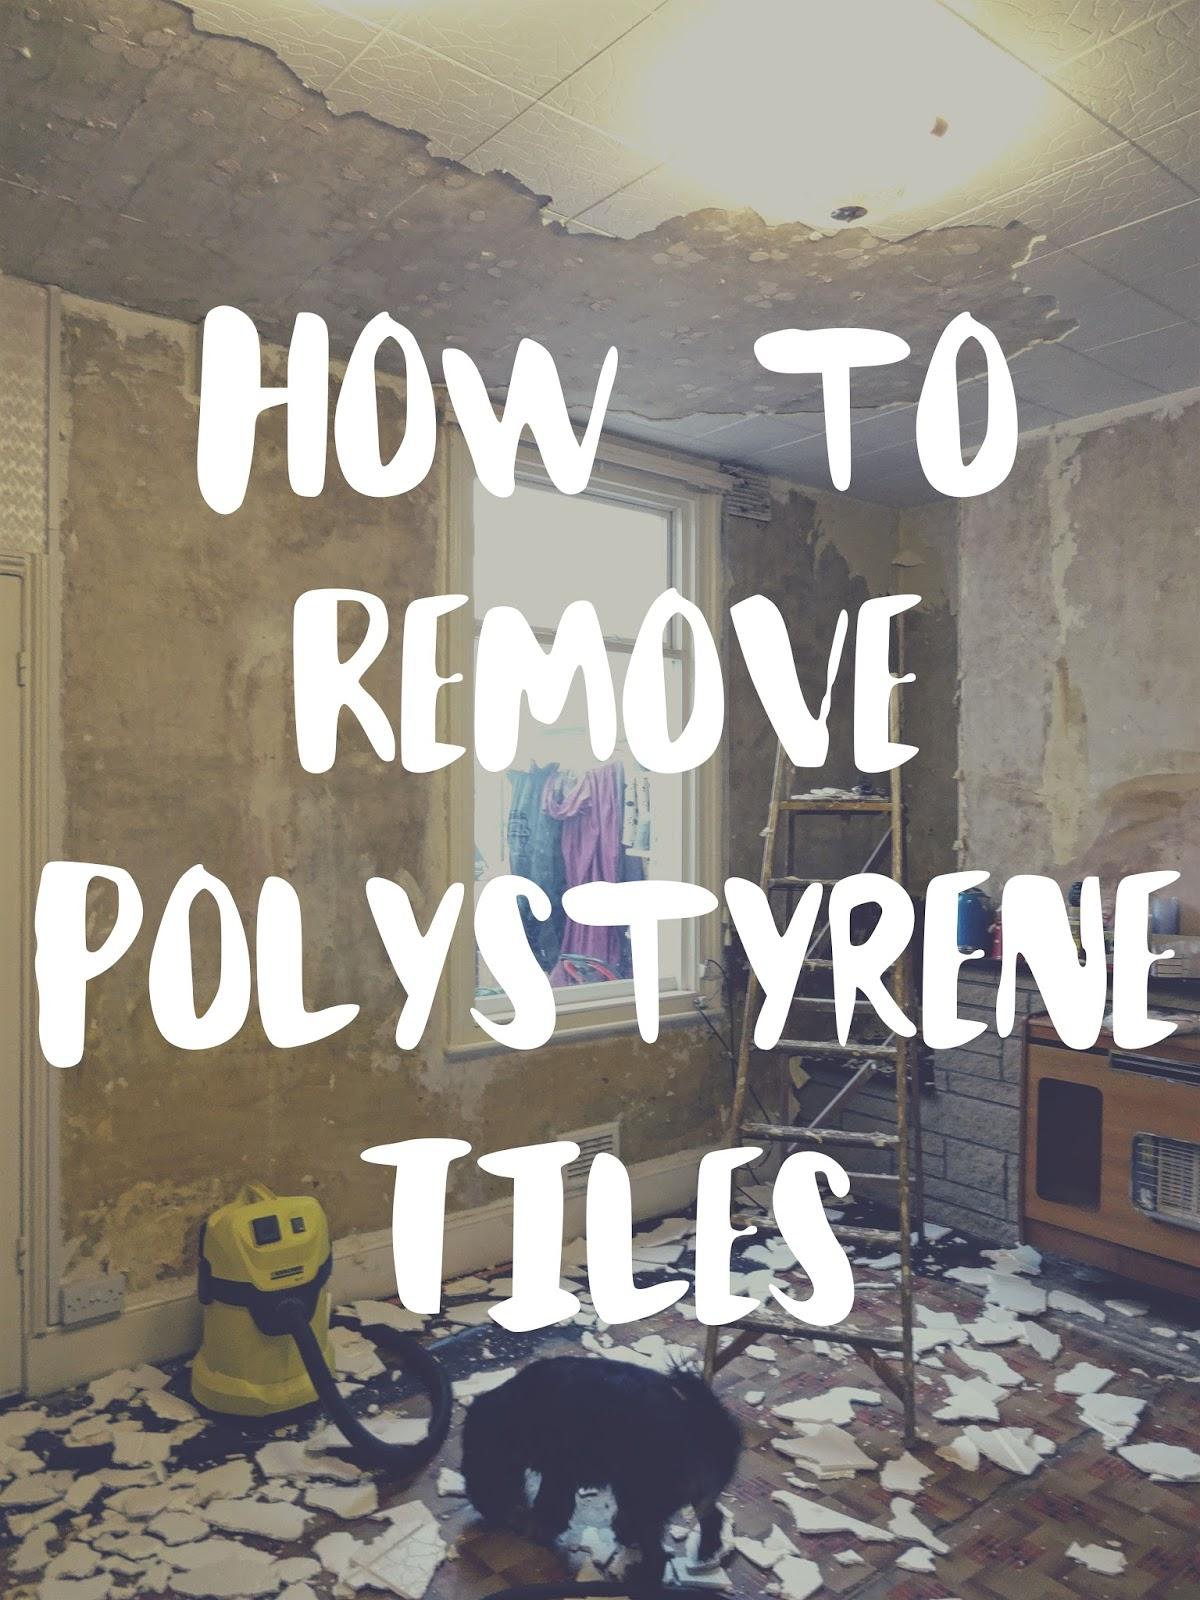 removing polystyrene ceiling tiles